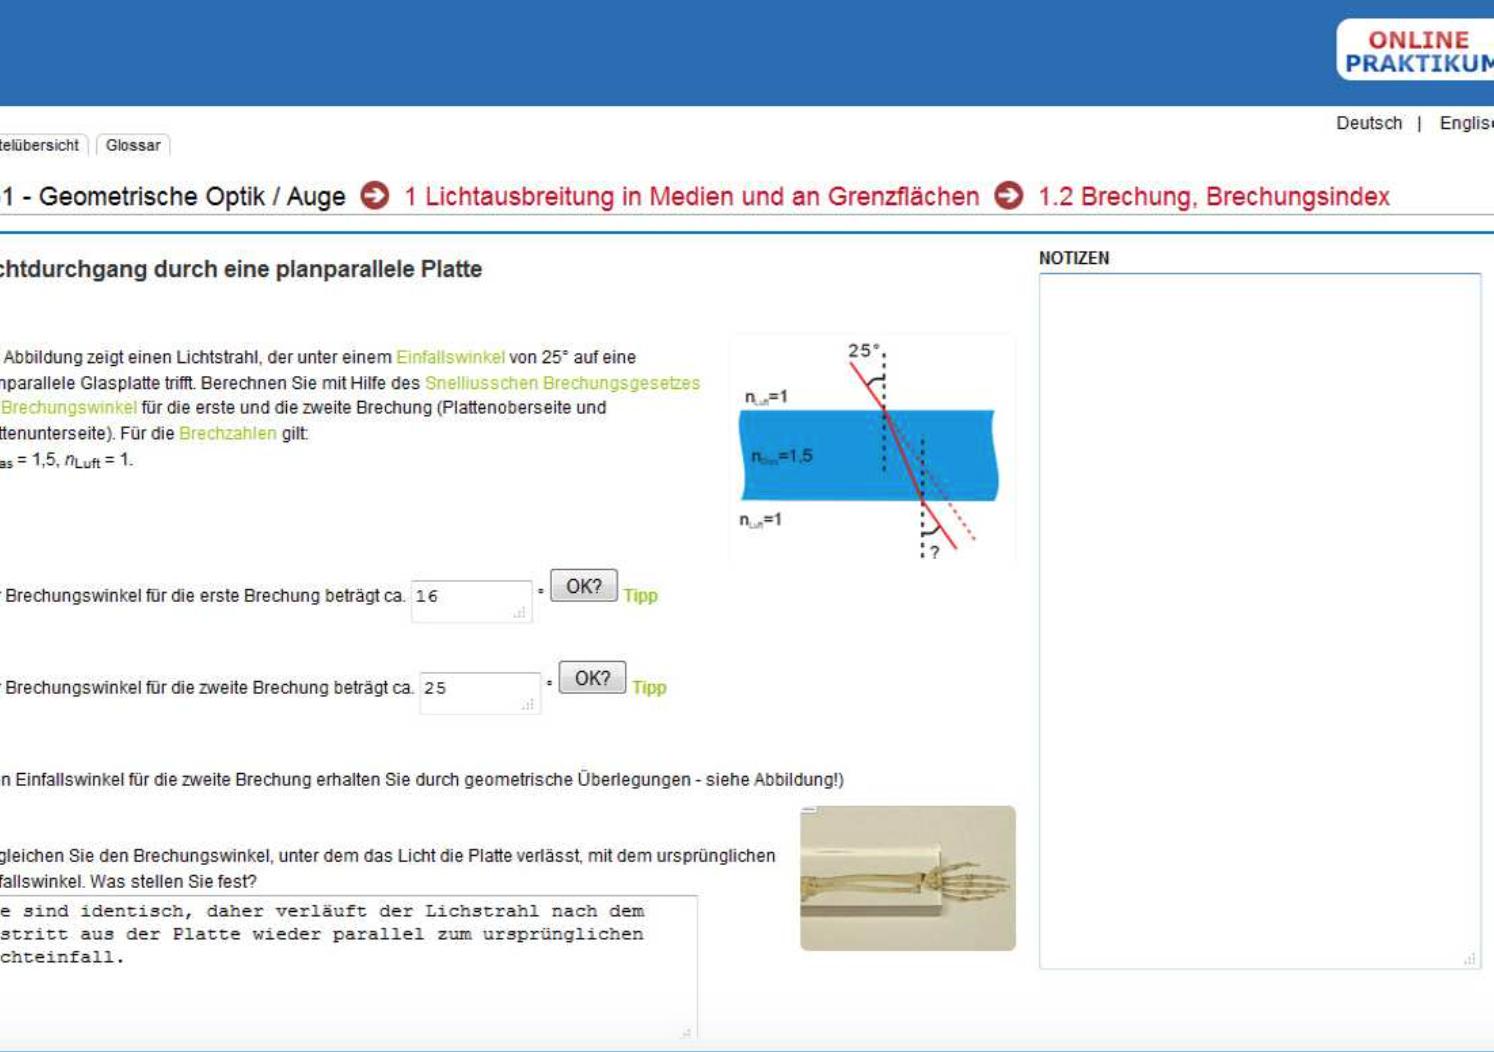 Bildschirmfoto%202014-08-_opt.png